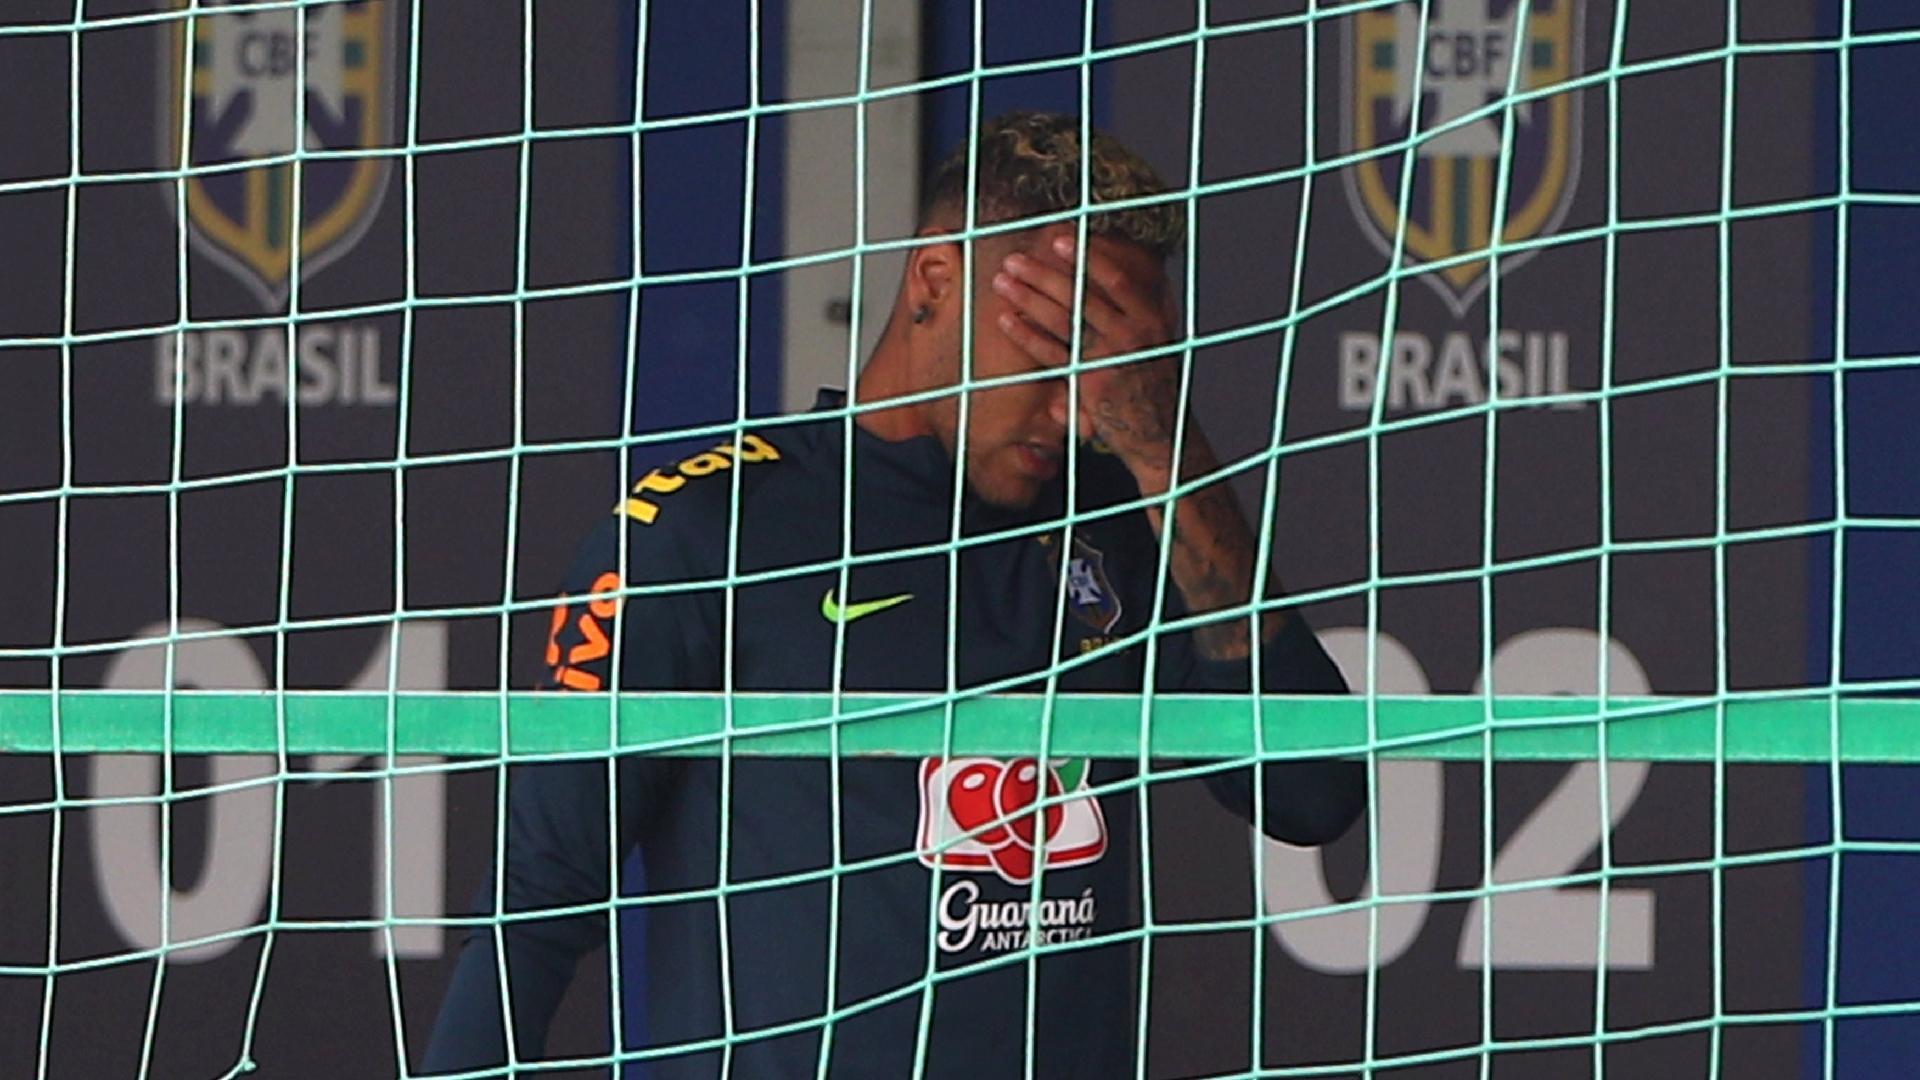 Neymar coloca a mão no rosto após deixar treino com dores